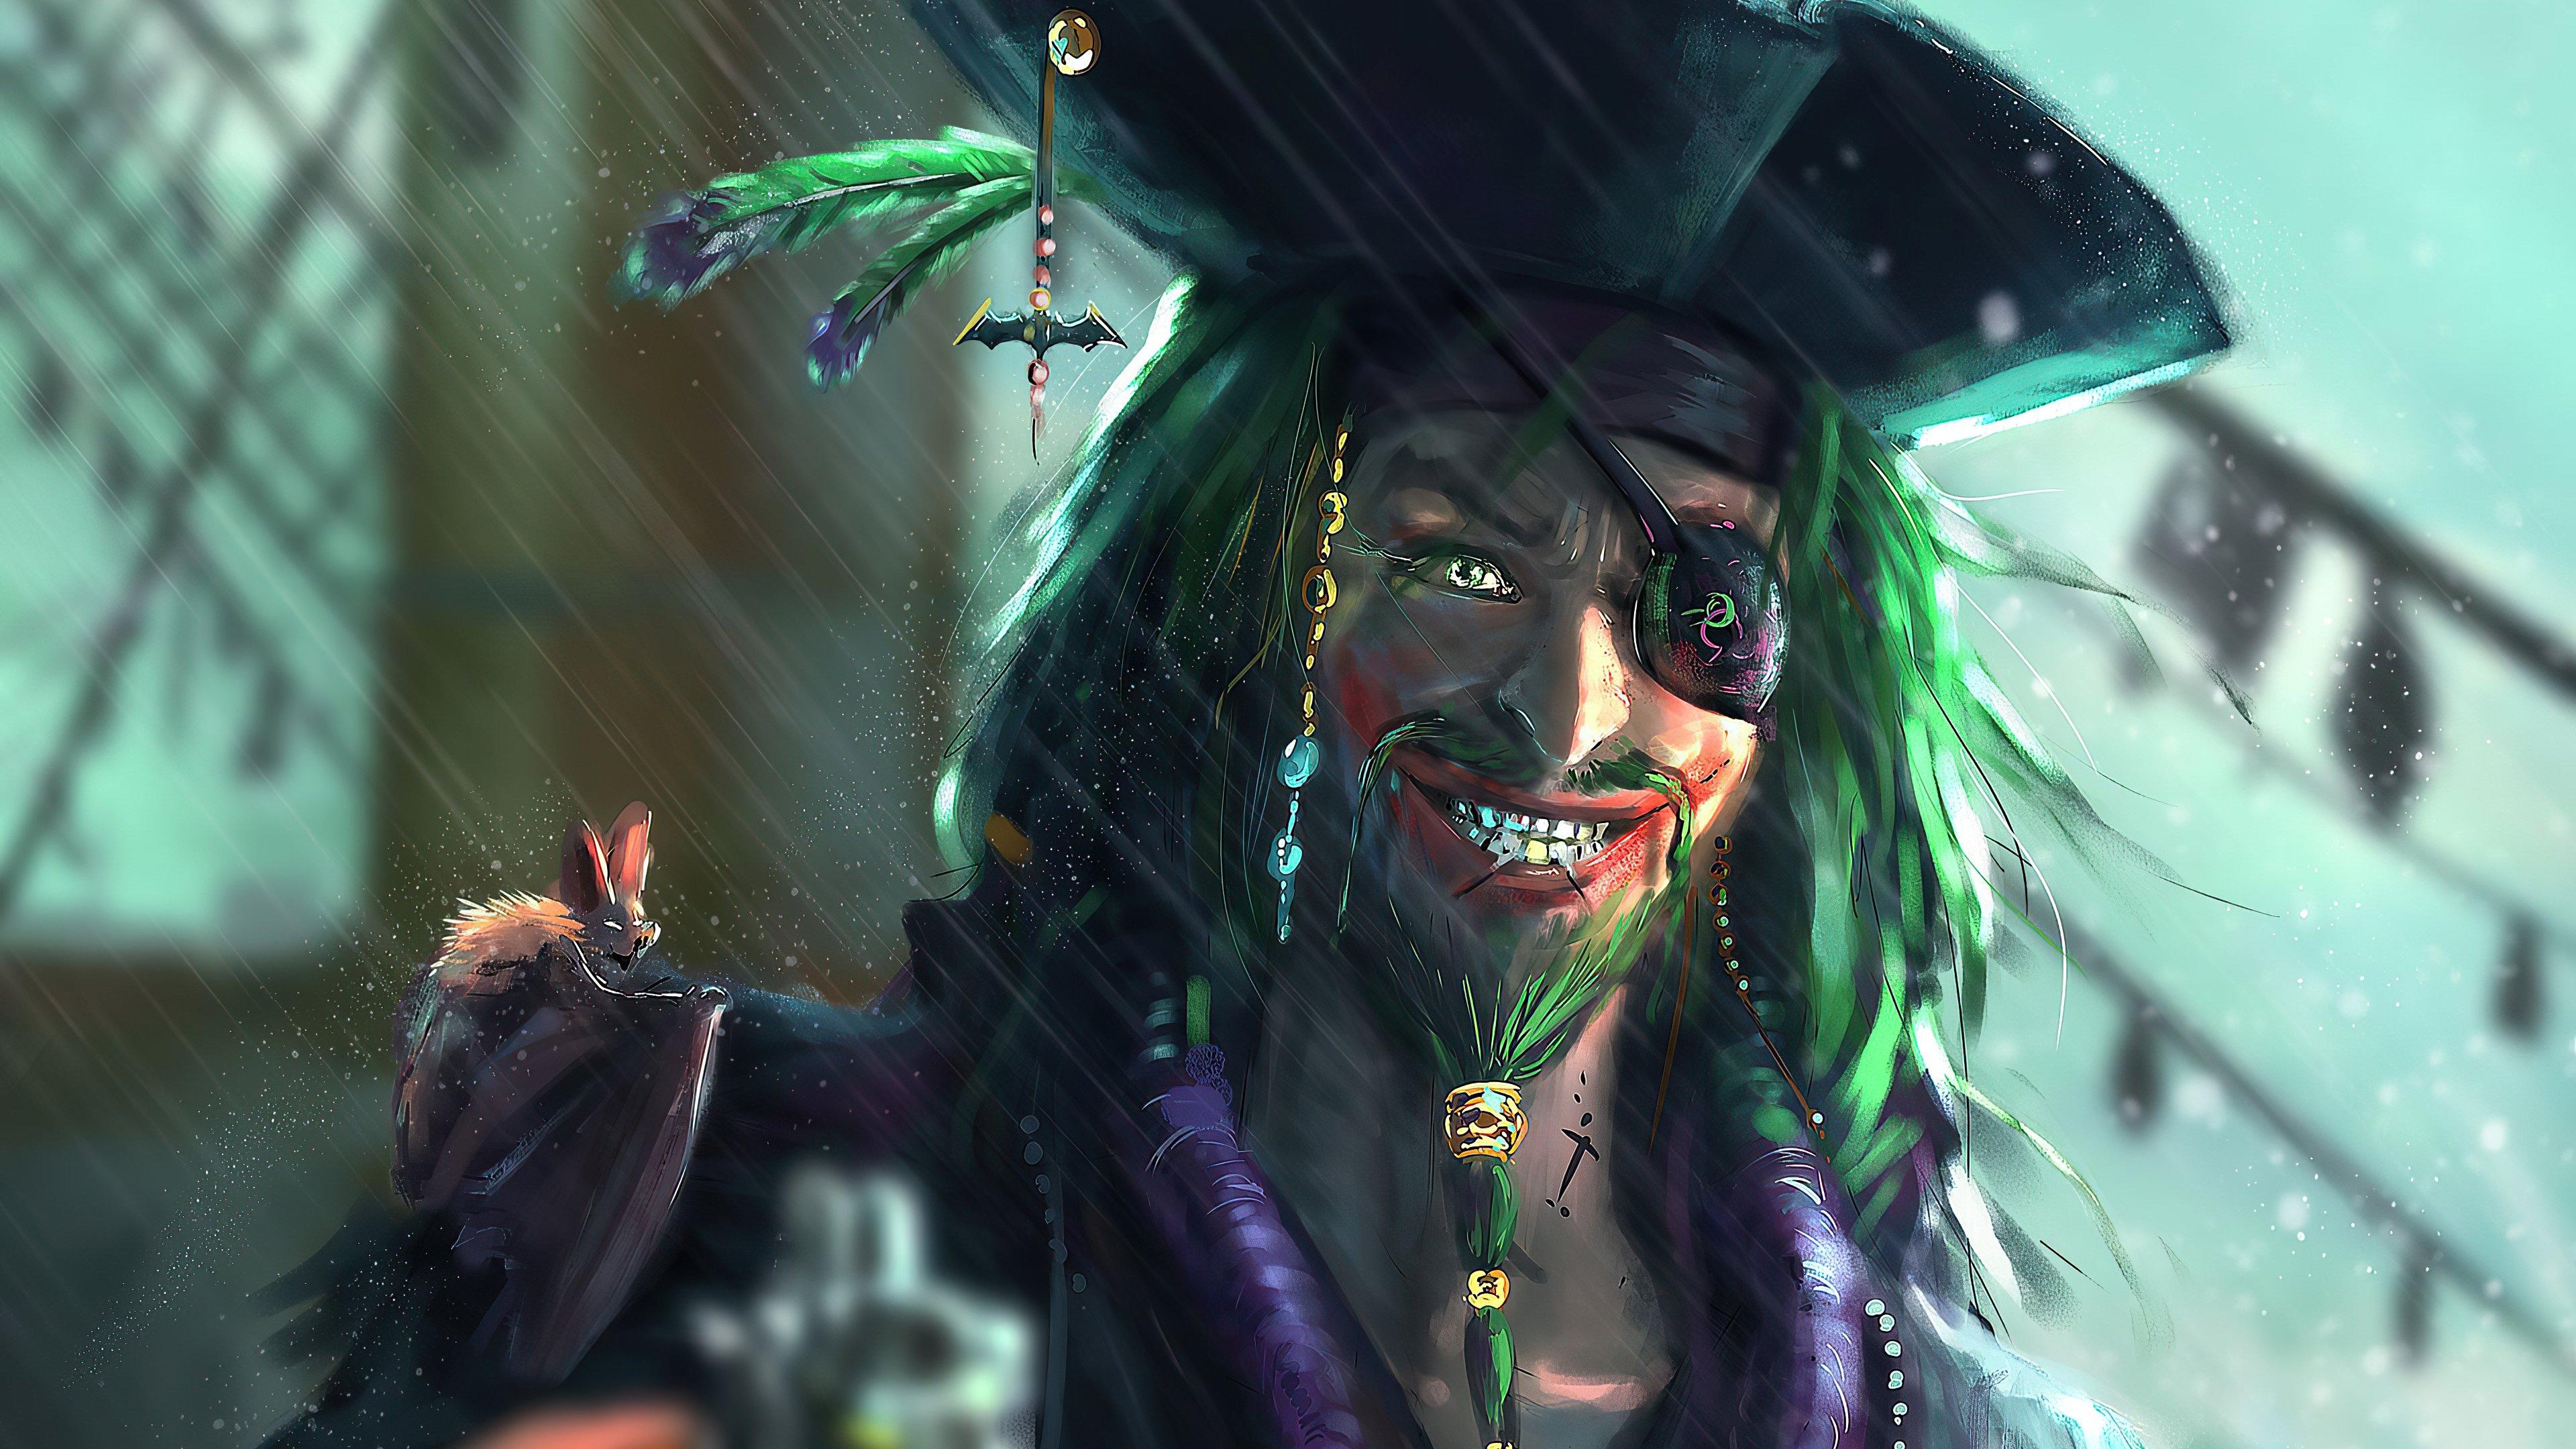 Fondos de pantalla El Guasón como pirata